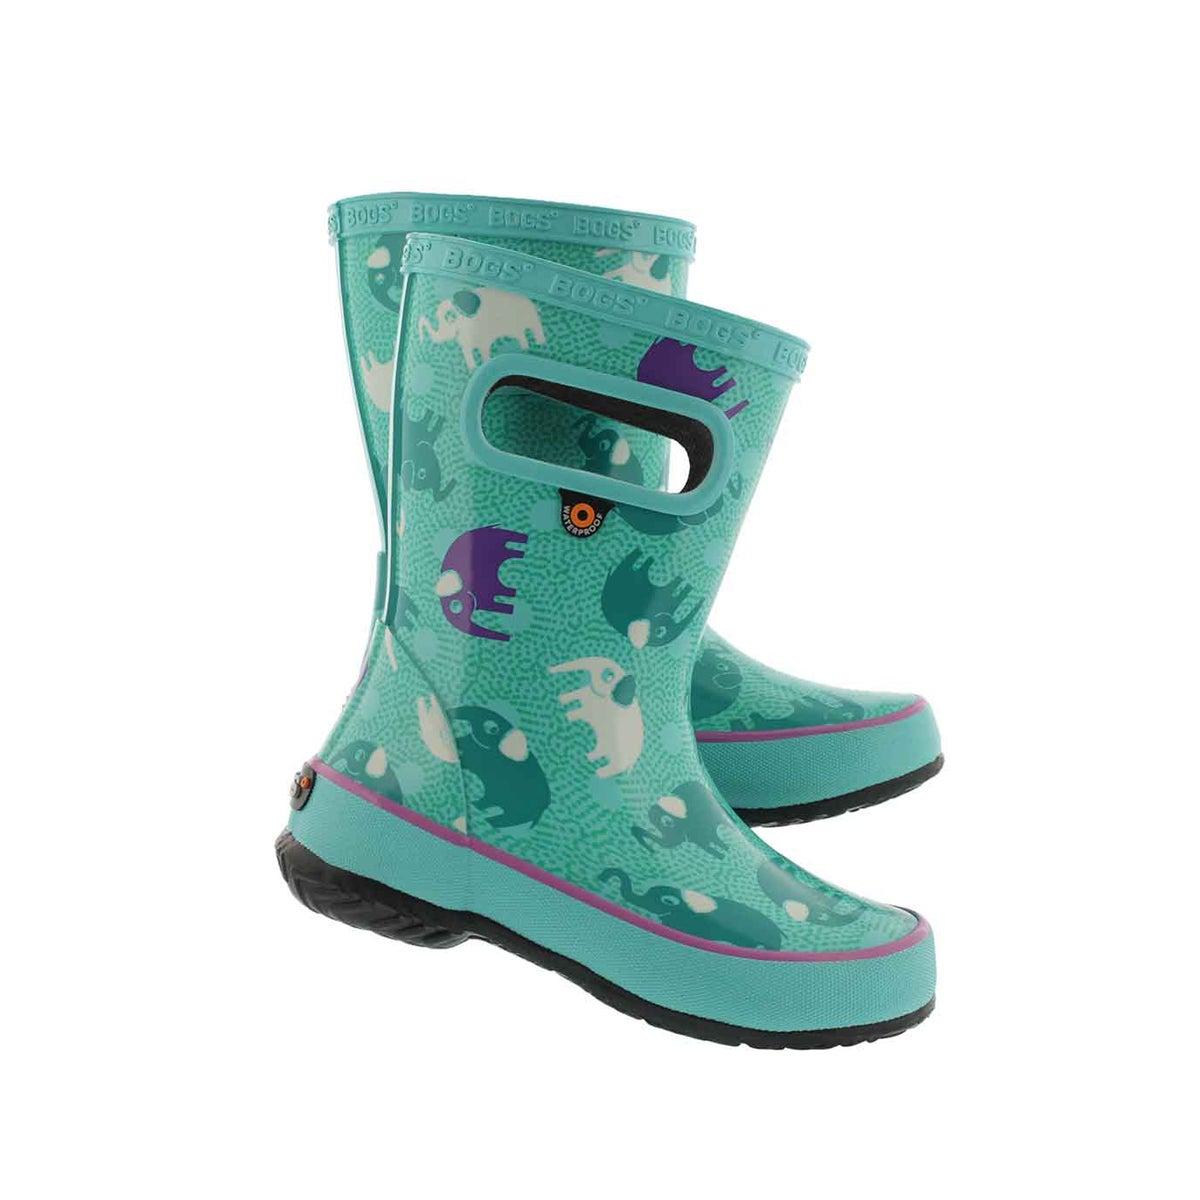 Inf-g Skipper Elephants turq mlti boot